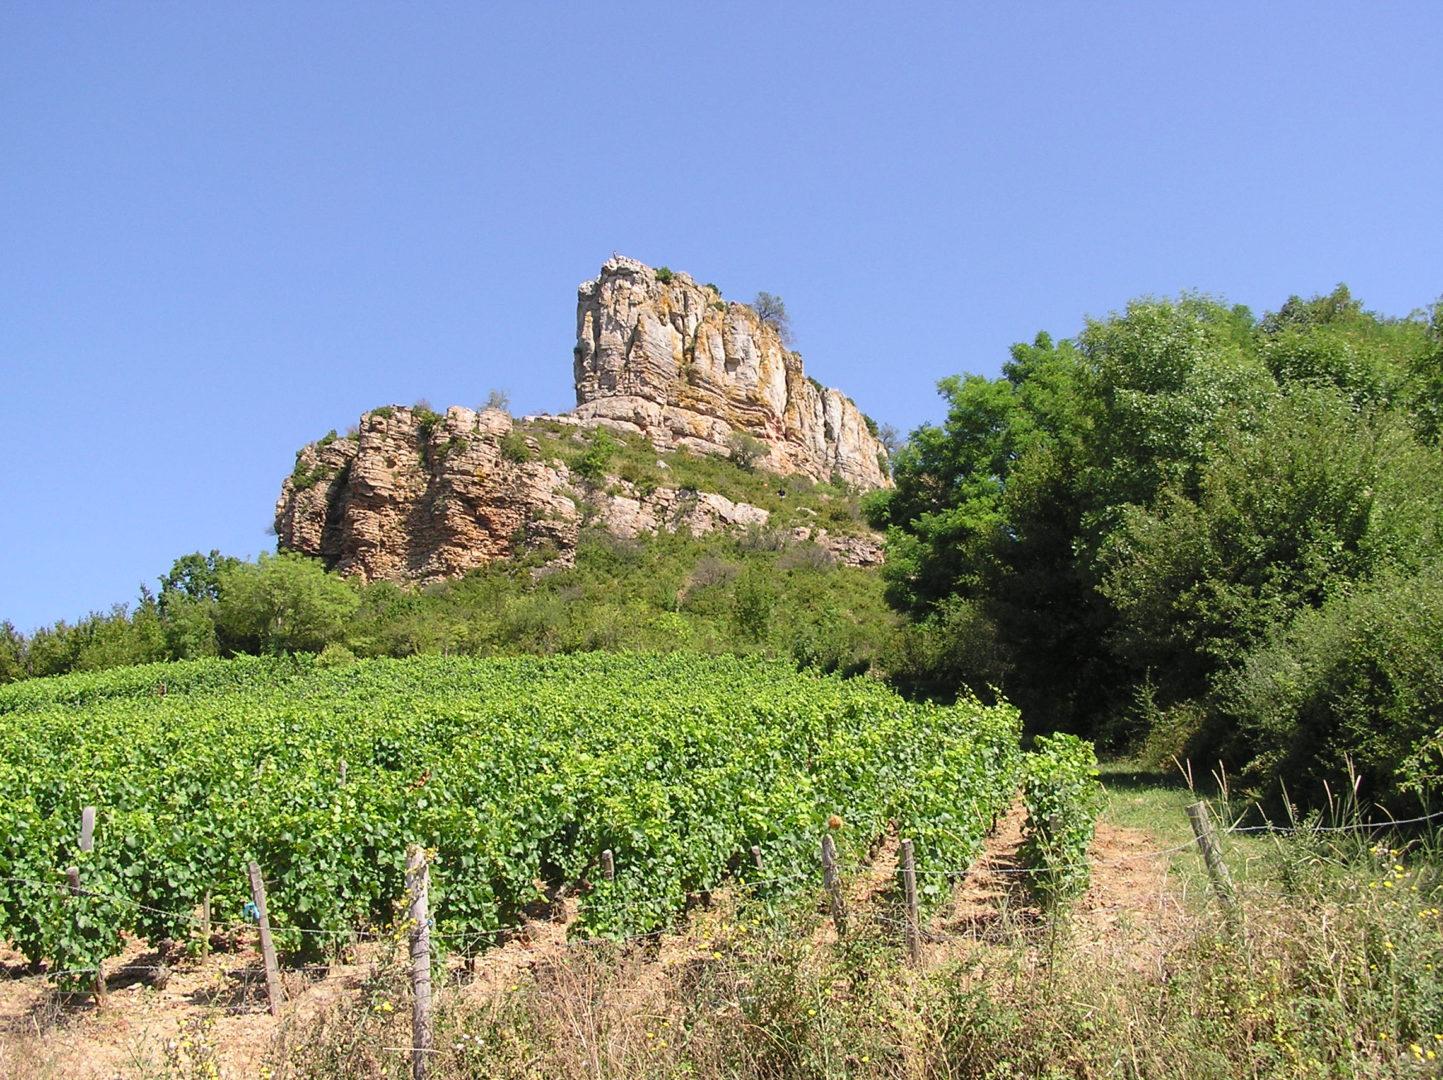 Solutré Felsen im Burgund